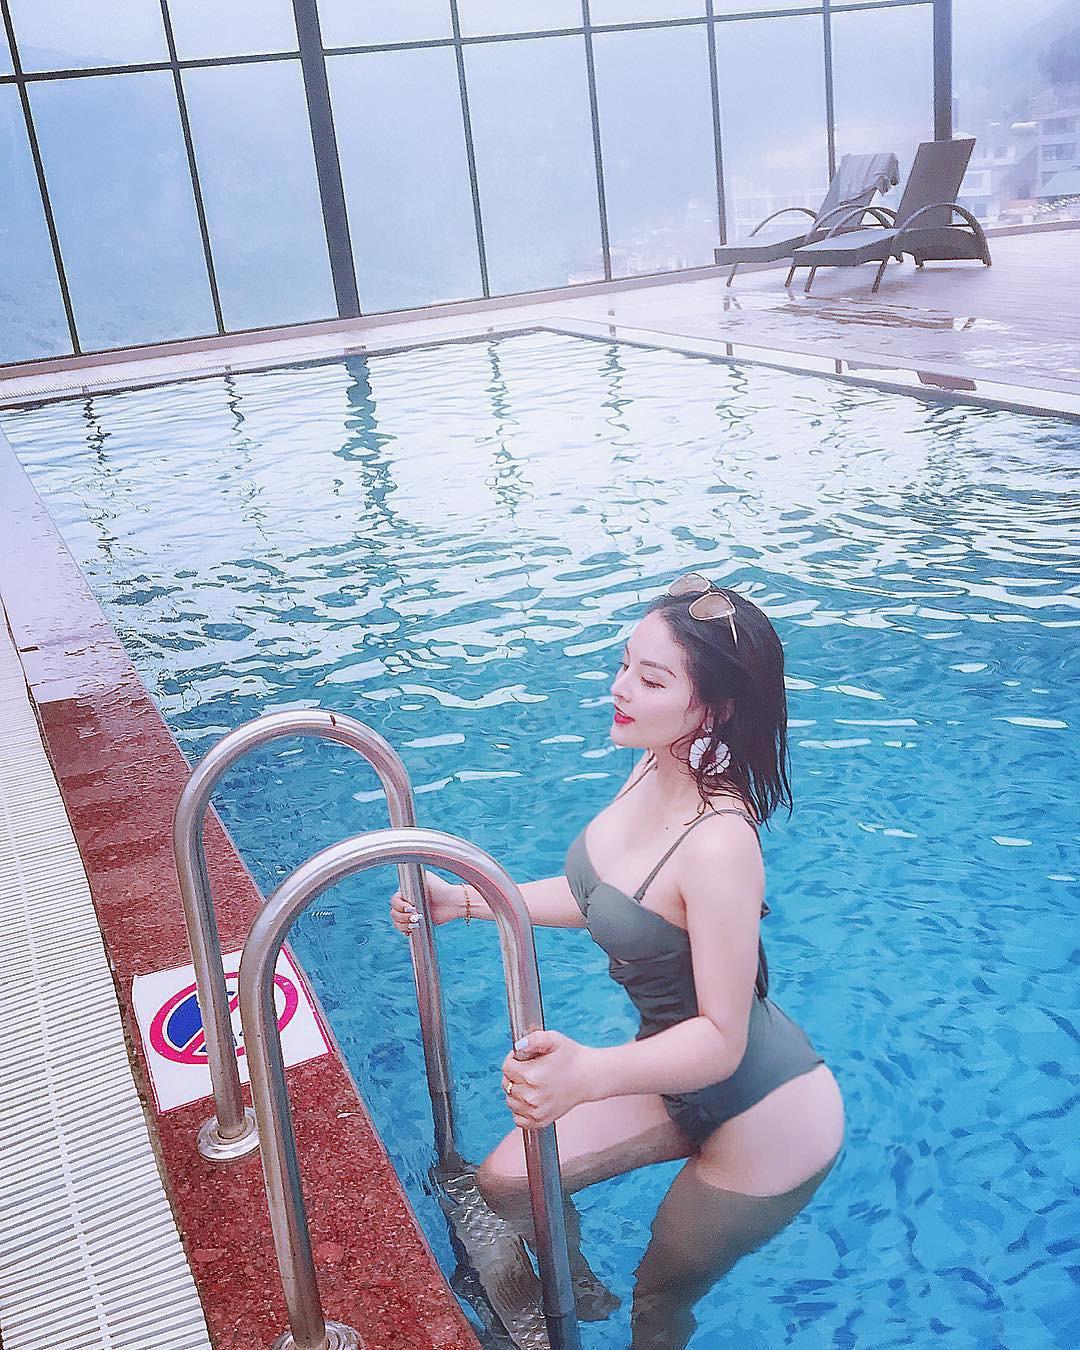 Hóa ra, thư ký sexy khiến Vũ Về nhà đi con bất chấp đòi tăng lương là gái xinh có màn lột xác ấn tượng trên Instagram - Ảnh 7.